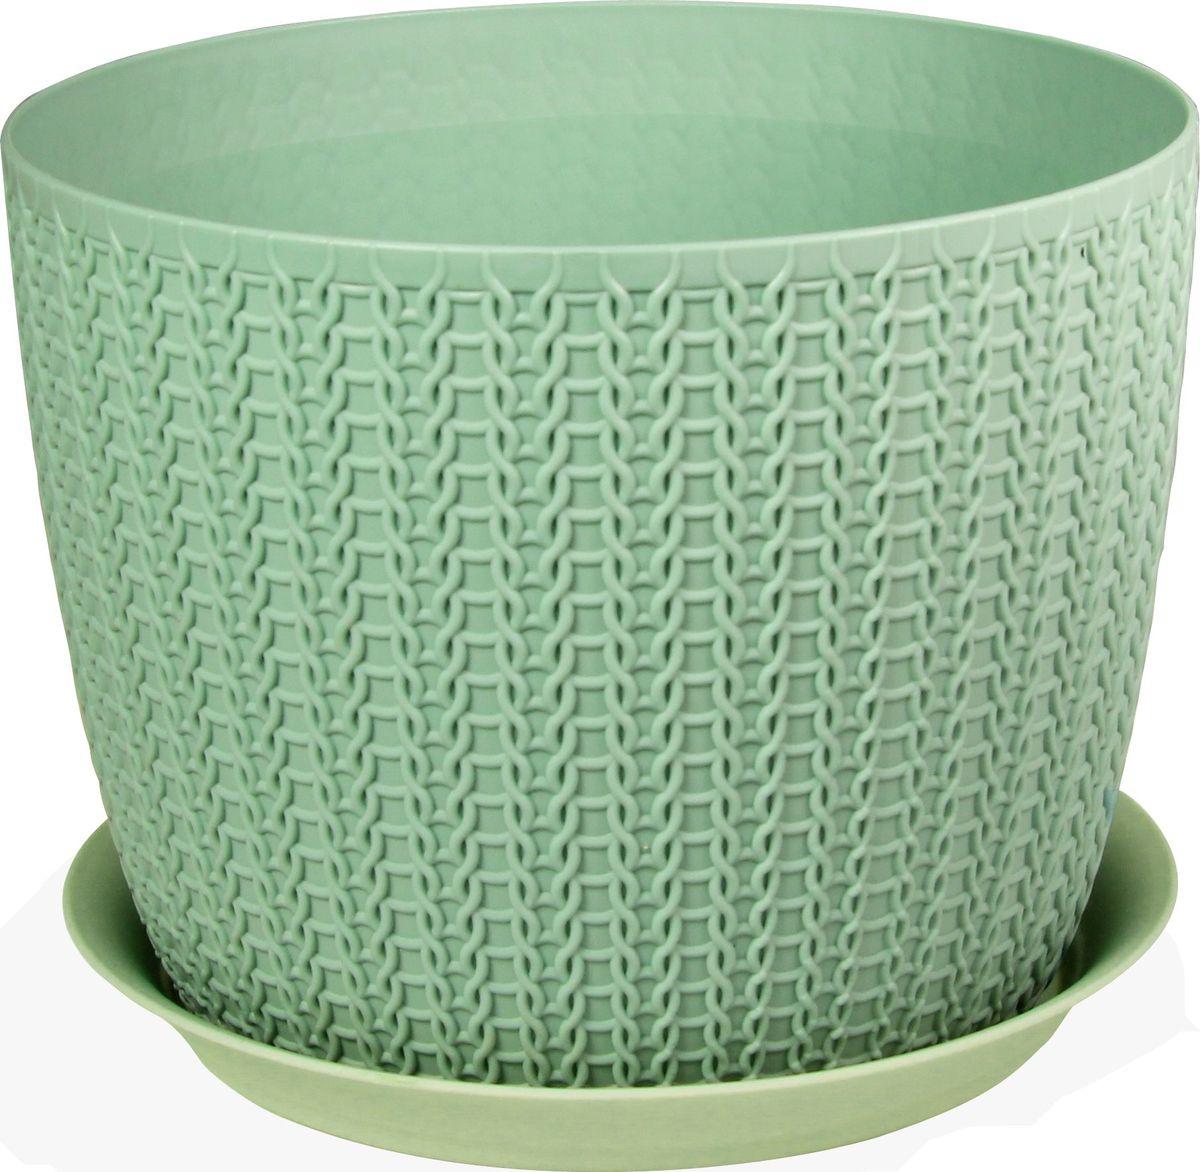 Кашпо Idea Вязание, с поддоном, цвет: фисташковый, диаметр 21 см4607940900528Кашпо Idea Вязание изготовлено из полипропилена (пластика). Специальная подставка предназначена для стока воды. Изделие прекрасно подходит для выращивания растений и цветов в домашних условиях.Диаметр кашпо: 21 см. Высота кашпо: 16,5 см. Объем кашпо: 4,5 л.